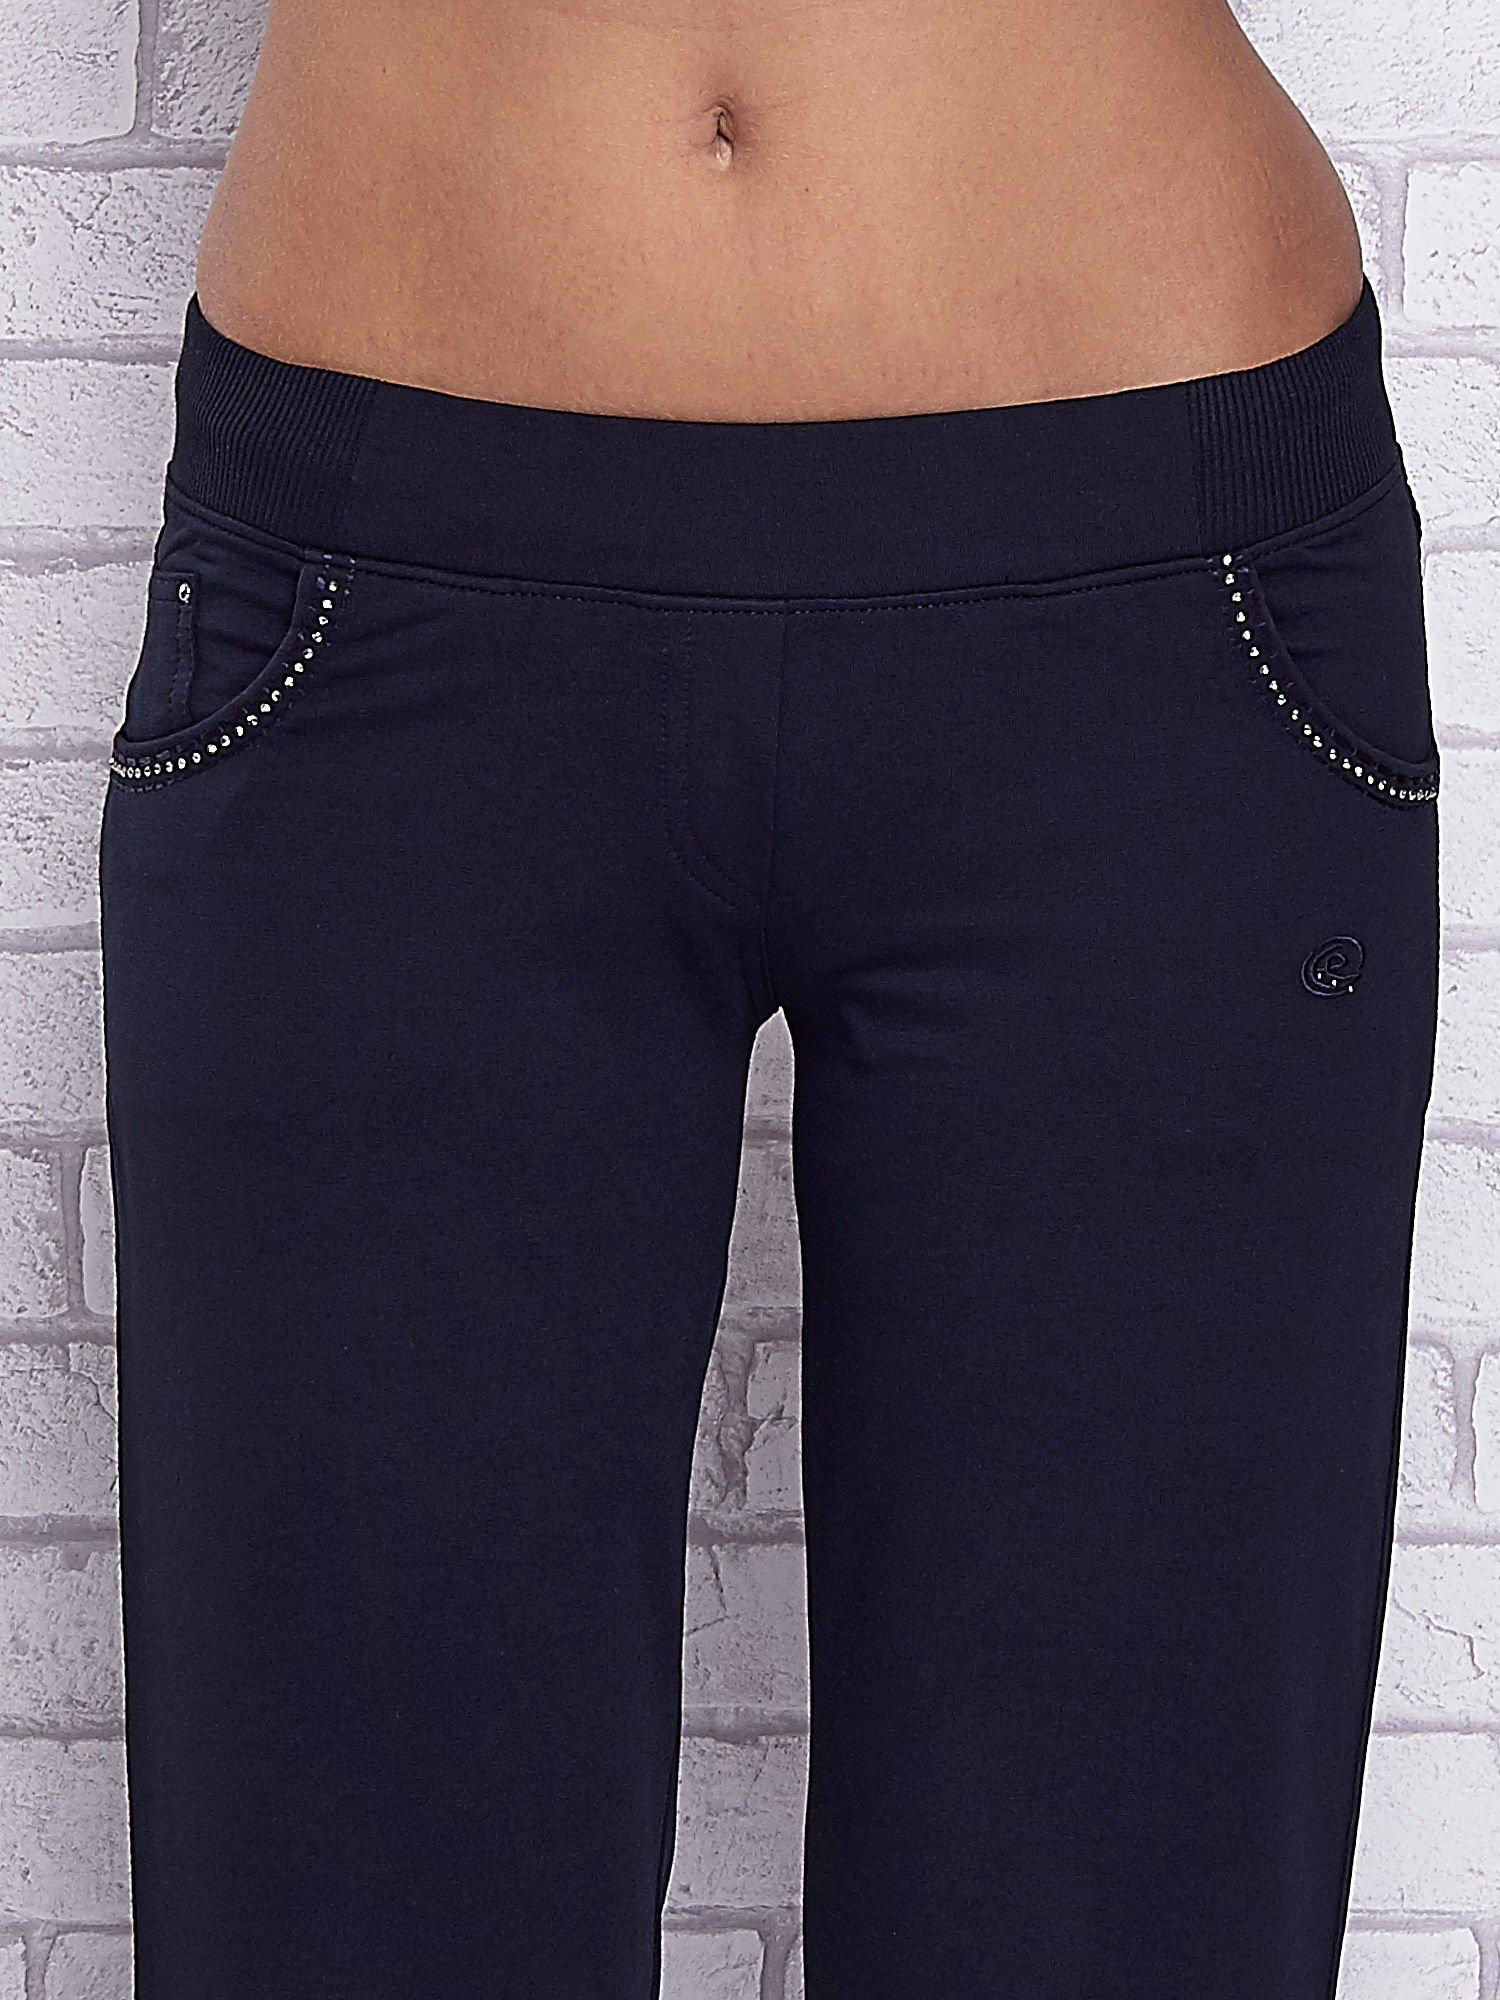 Granatowe spodnie capri z ozdobnymi dżetami                                  zdj.                                  4